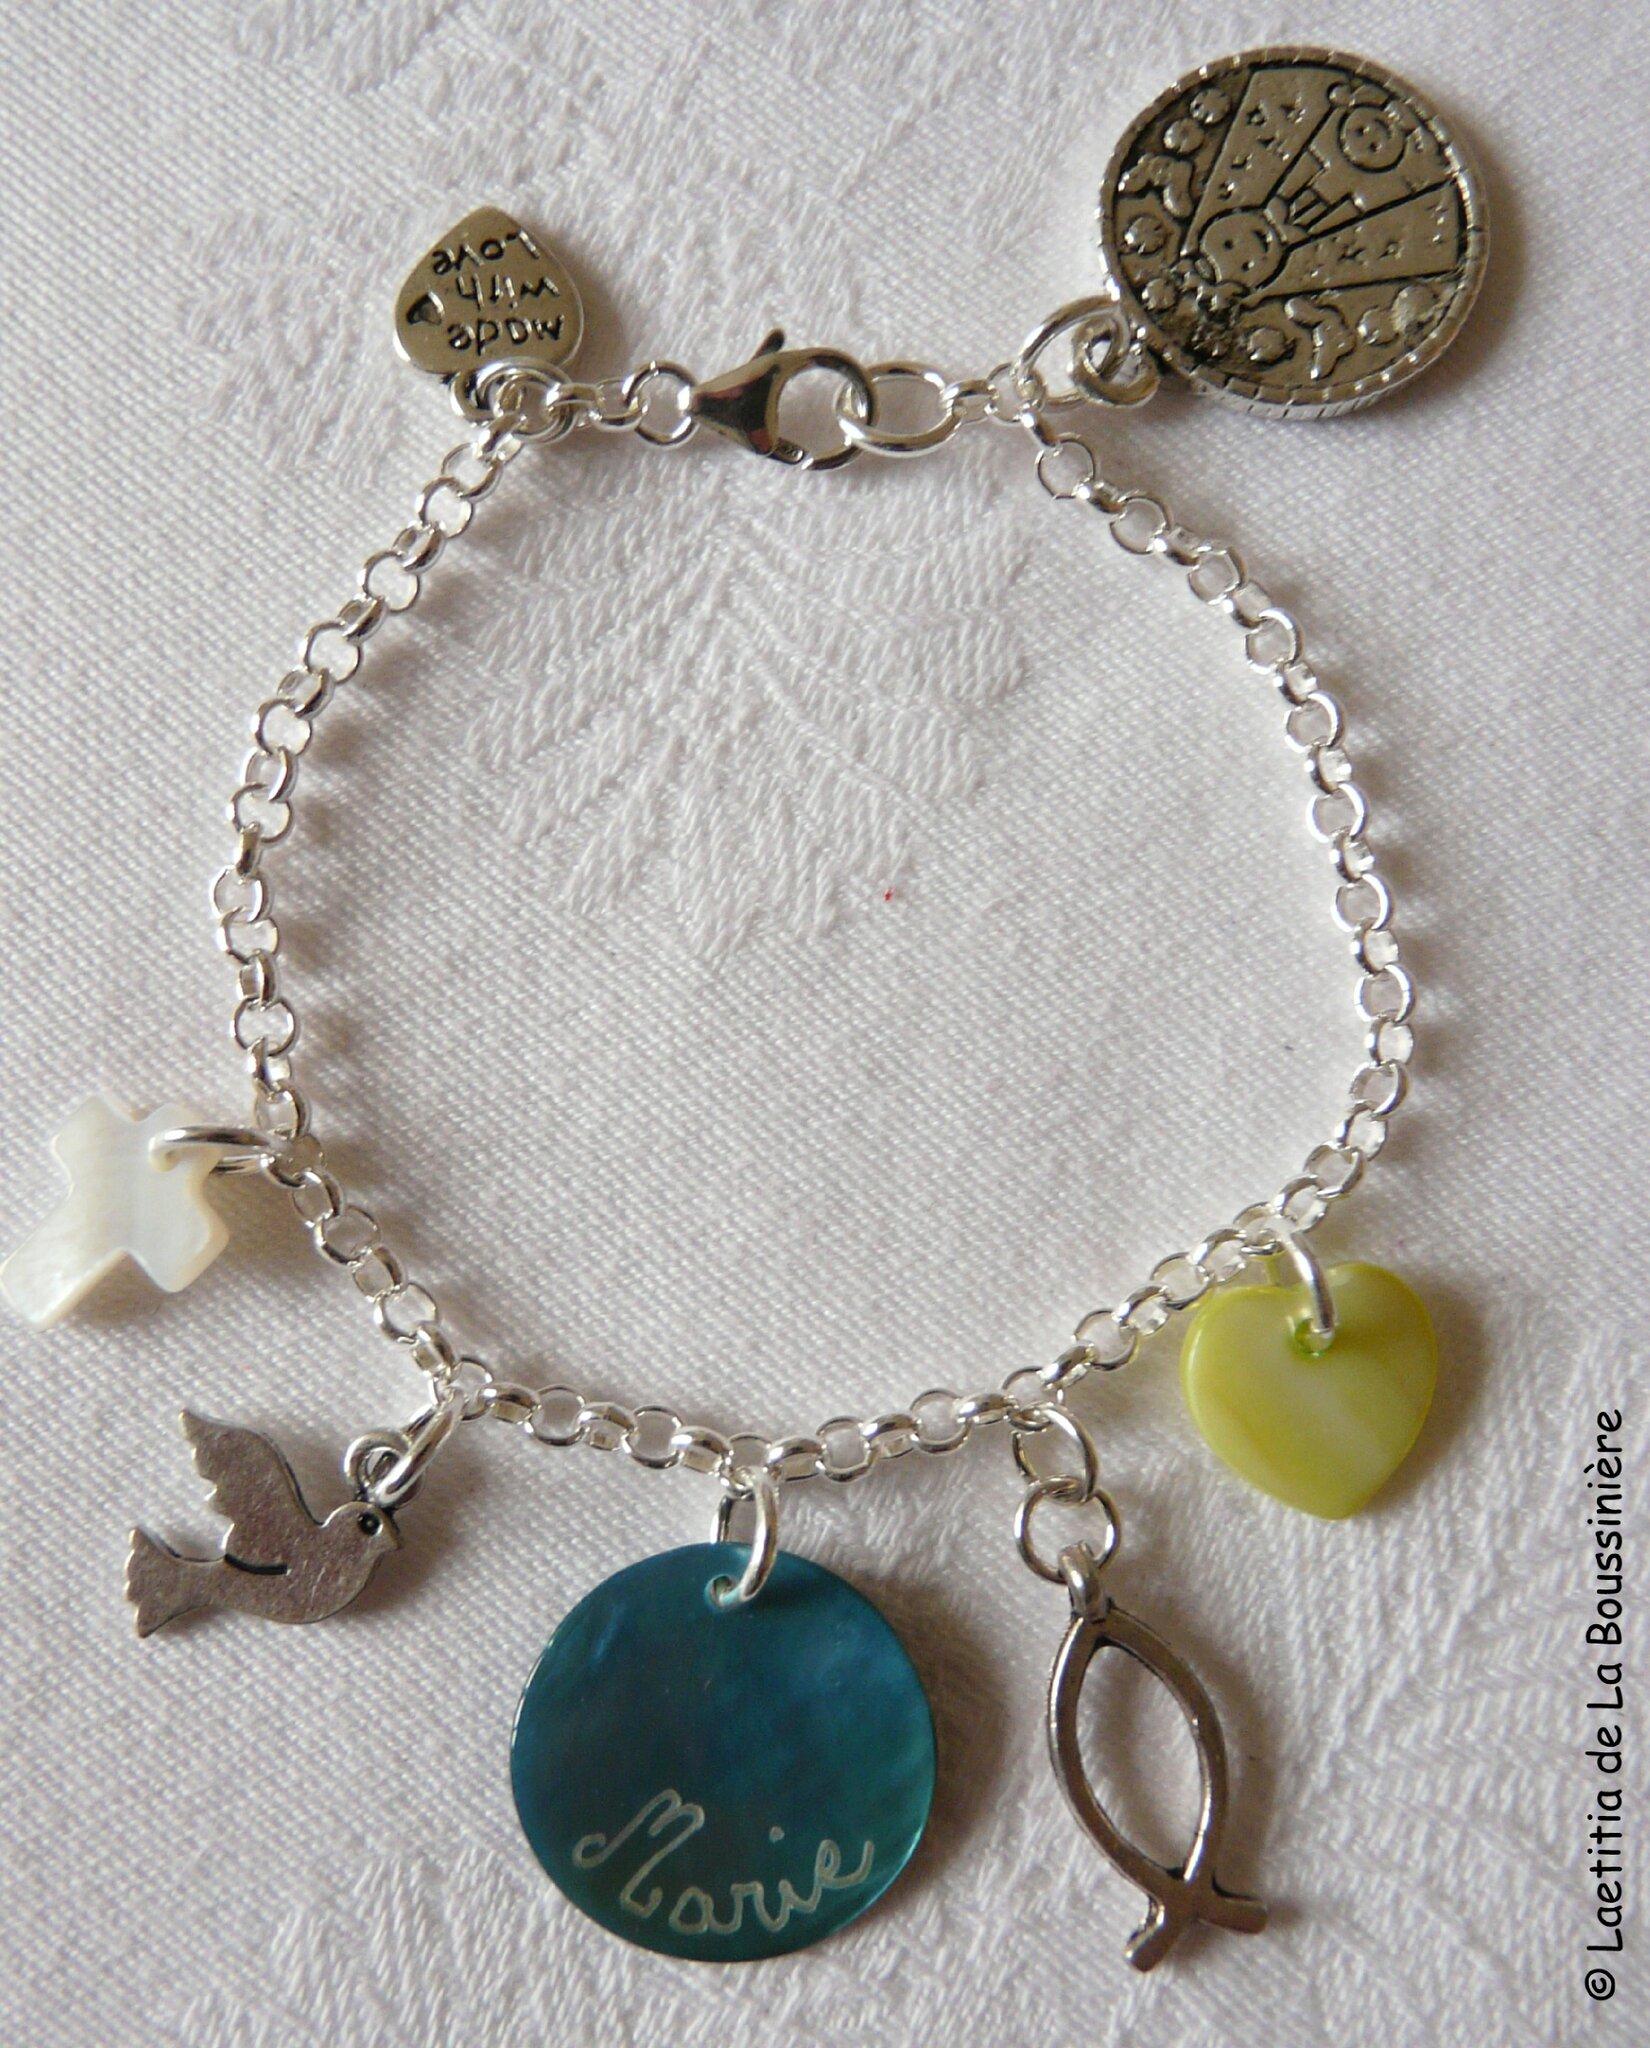 Bracelet sur chaîne argent massif, médaille personnalisée et breloques métal et nacre